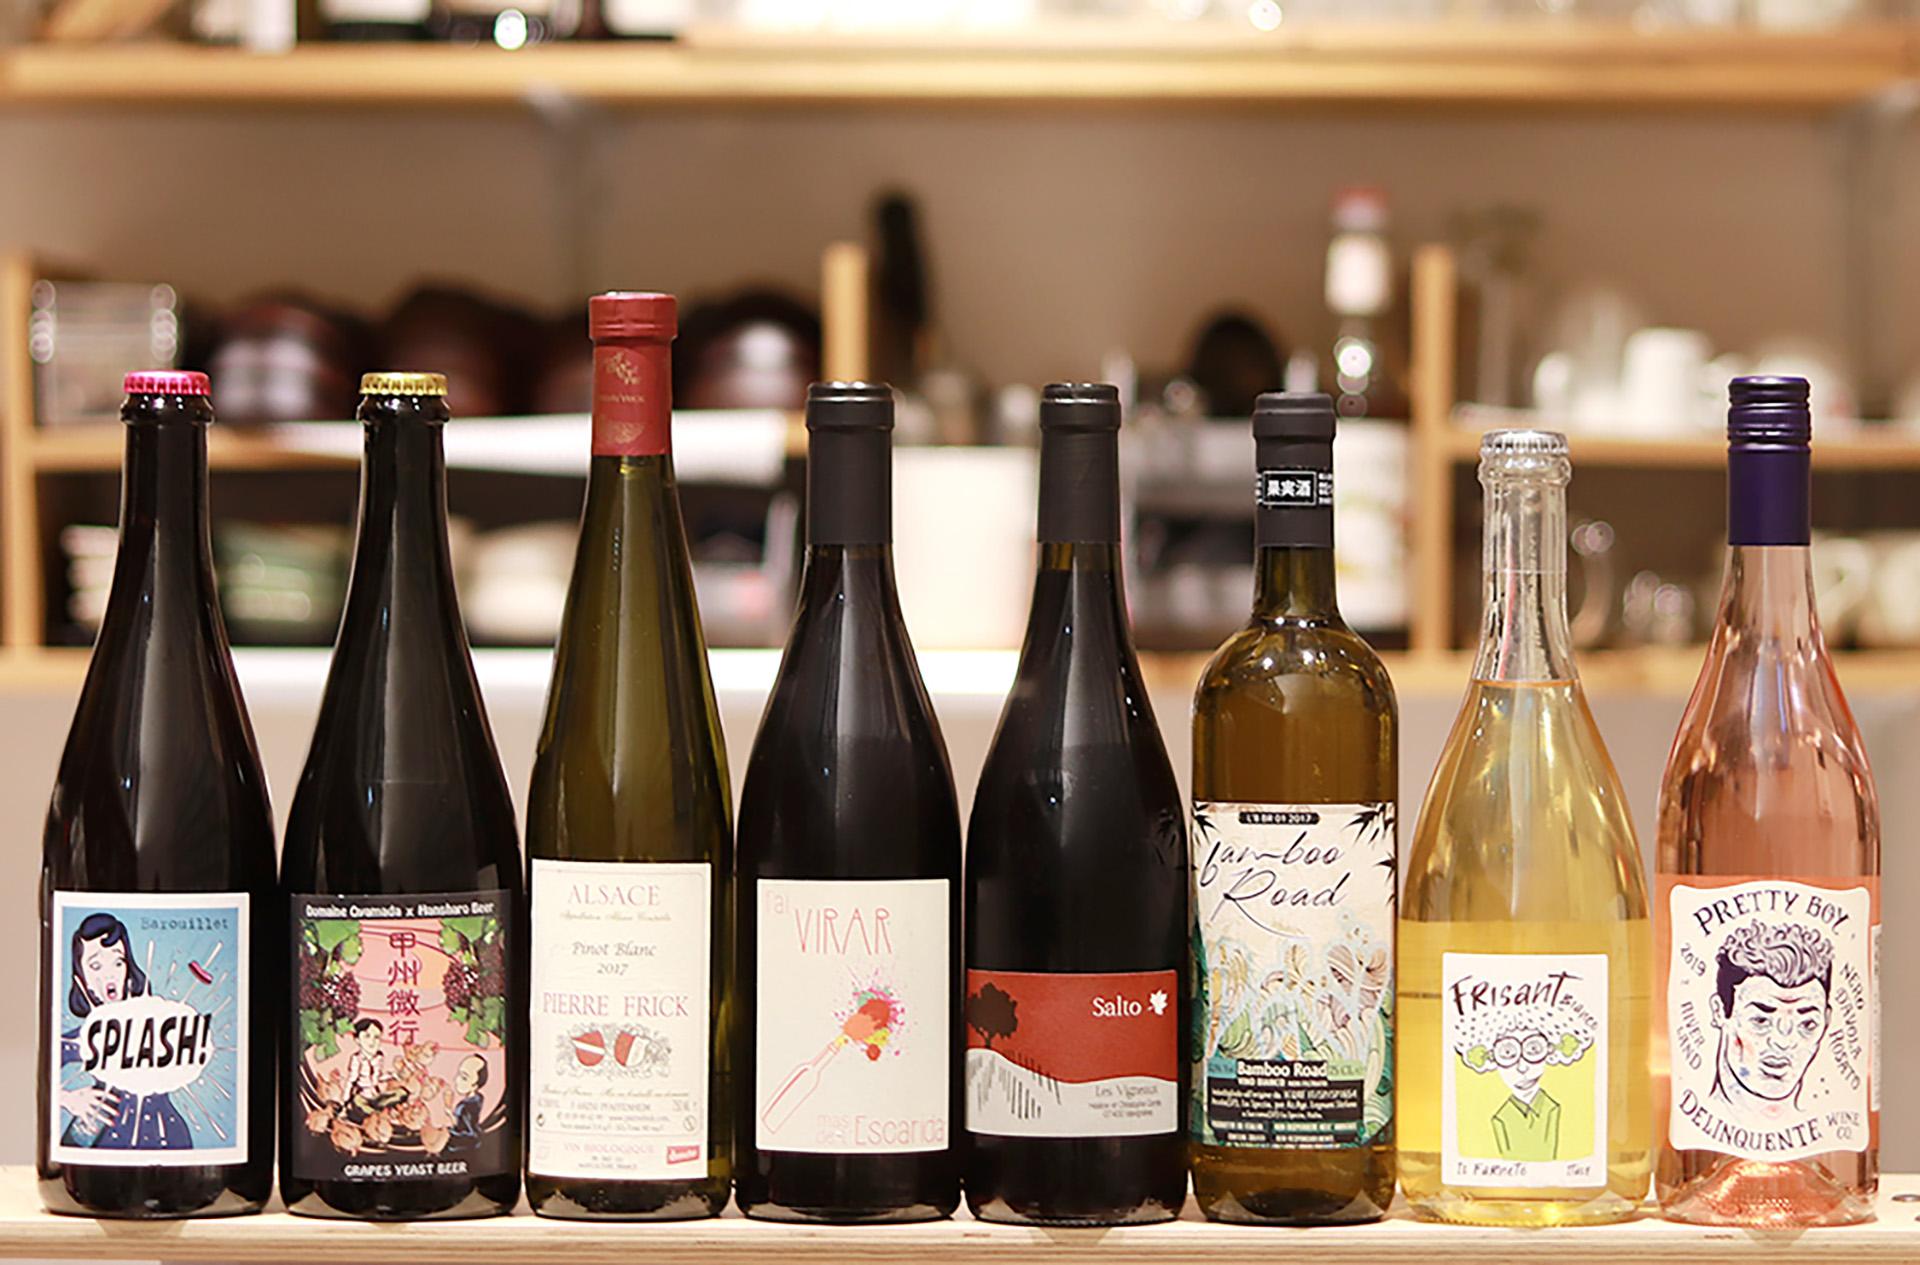 【1月17日・18日】自然派ワイン12種類をテイスティングできるイベントを開催!